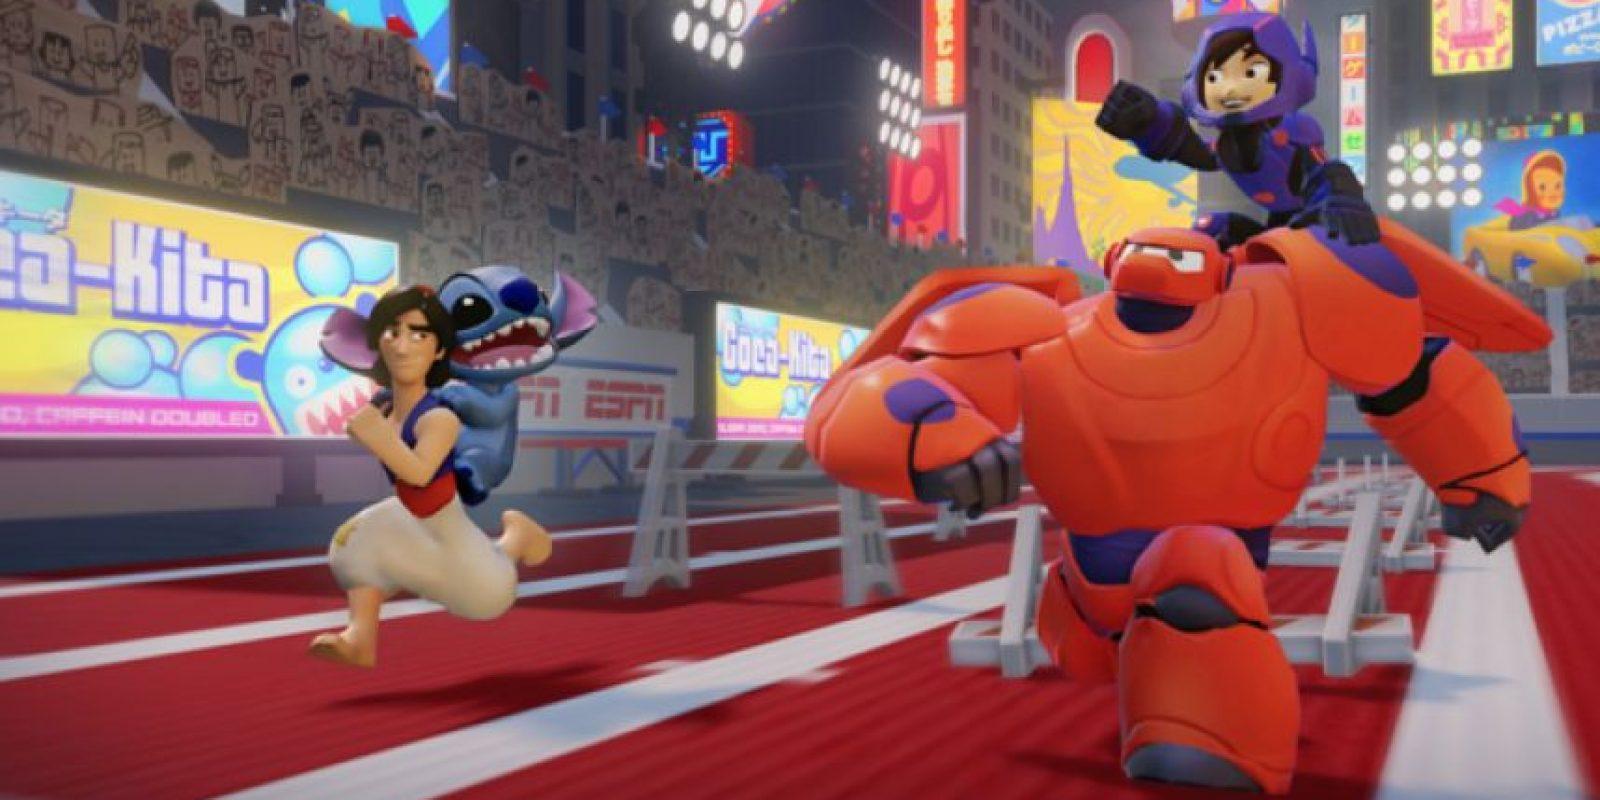 Se puede jugar con personajes clásicos de Disney Foto:Disney Infinity 2.0